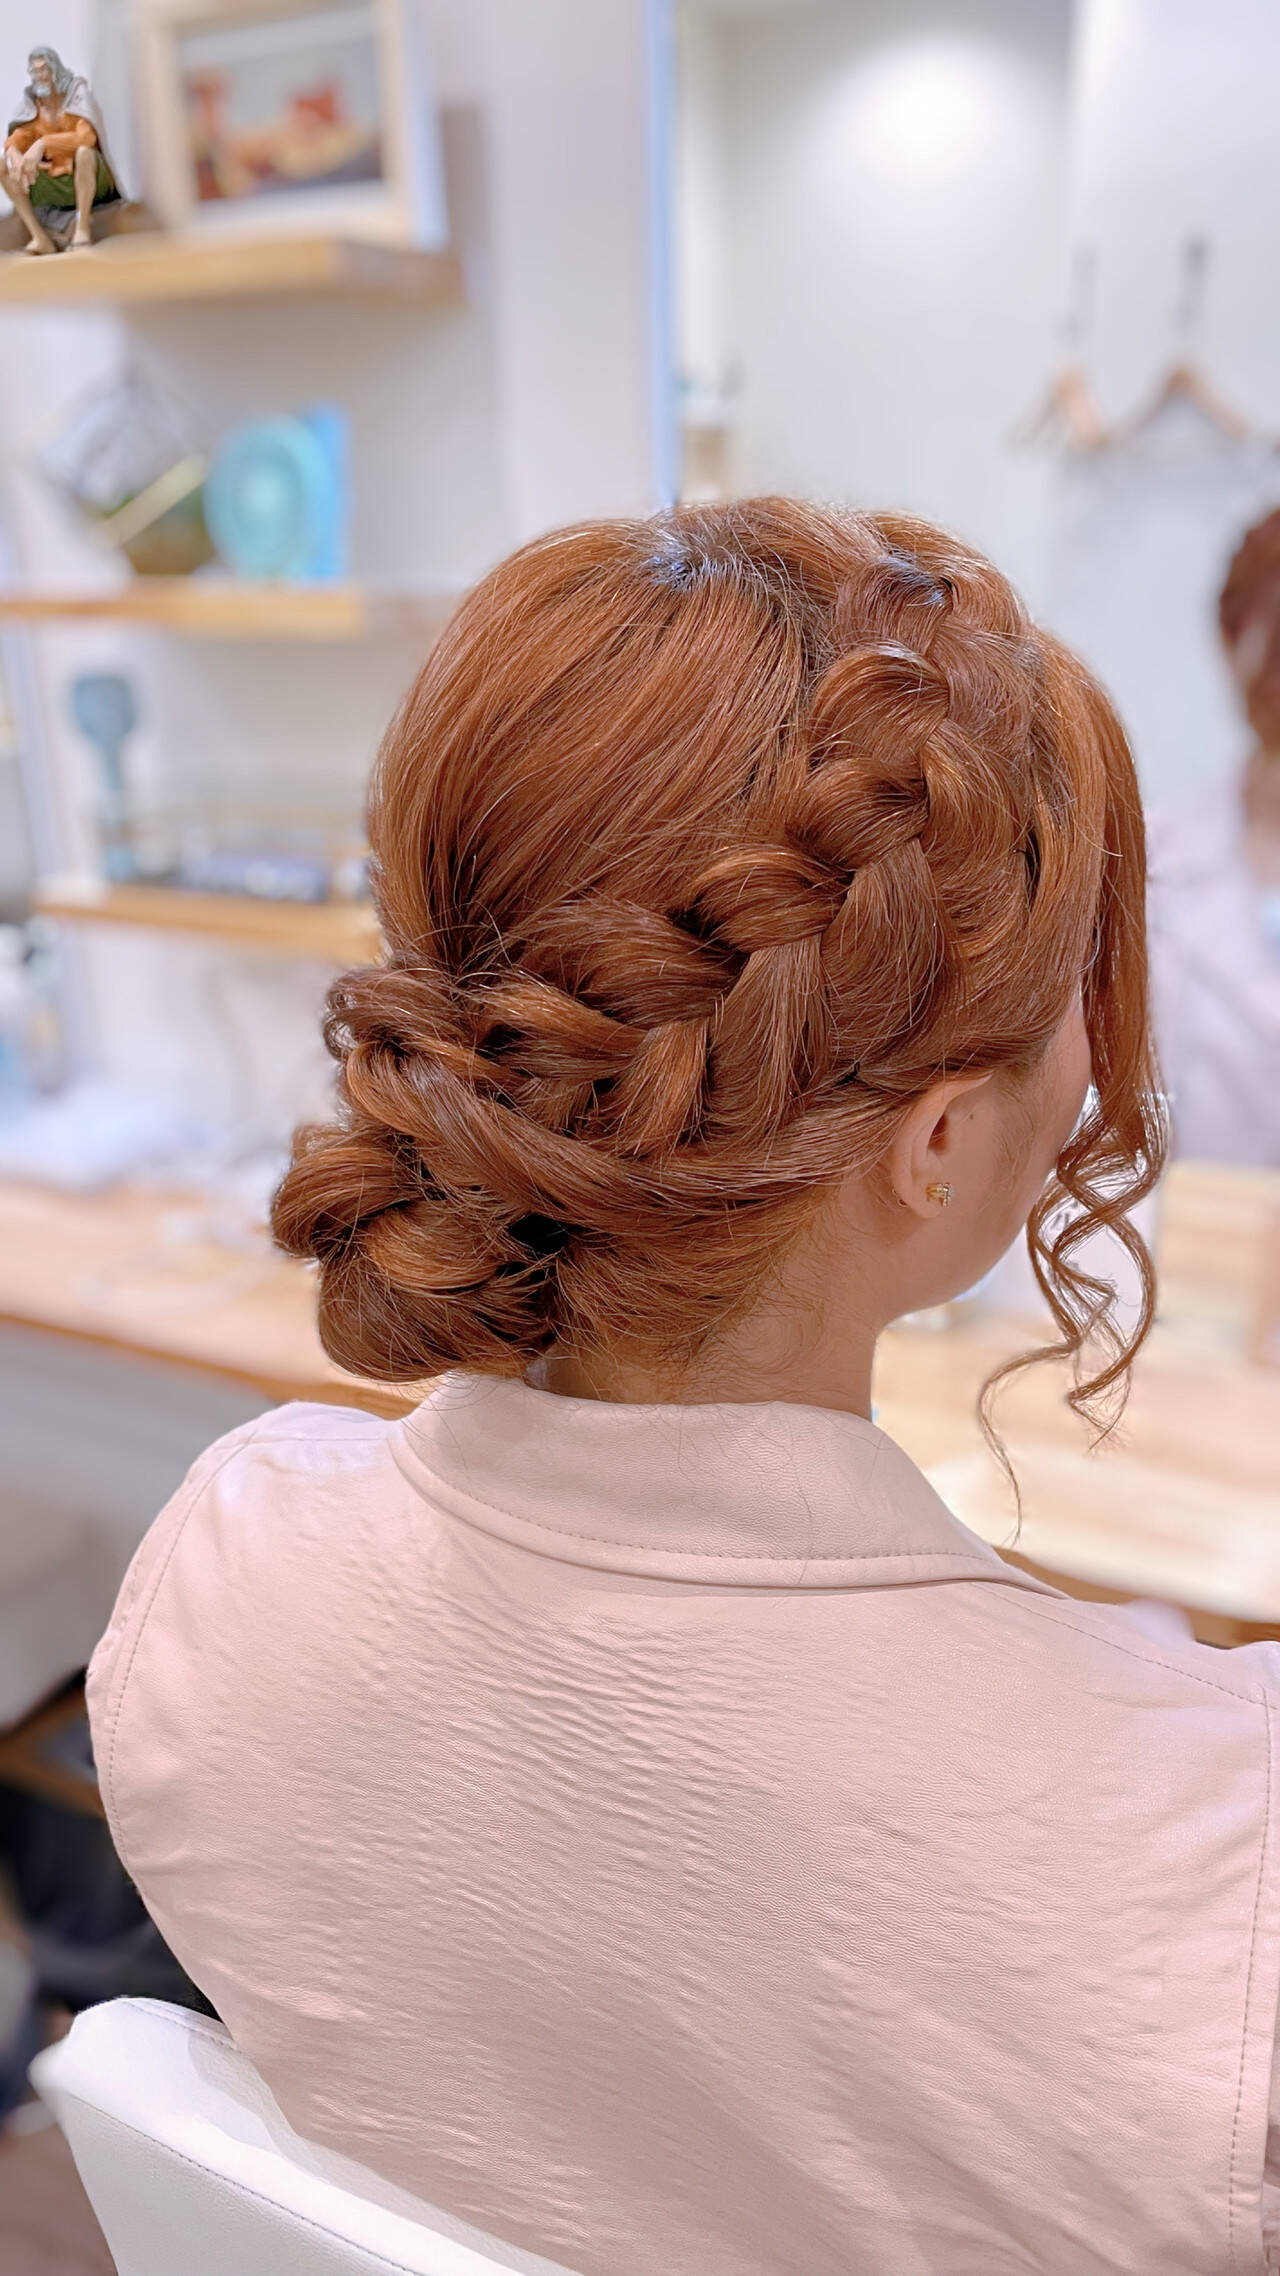 編み込み 編み込みヘア セミロング 簡単ヘアアレンジヘアスタイルや髪型の写真・画像